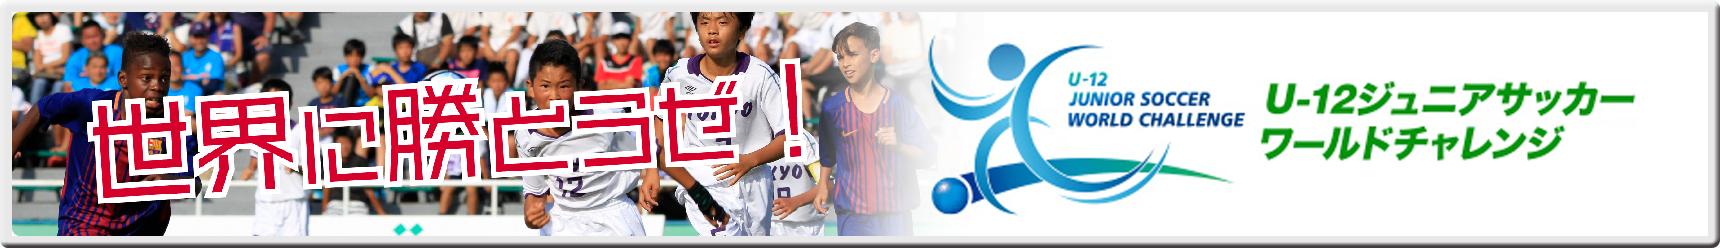 U-12ジュニアサッカーワールドチャレンジ